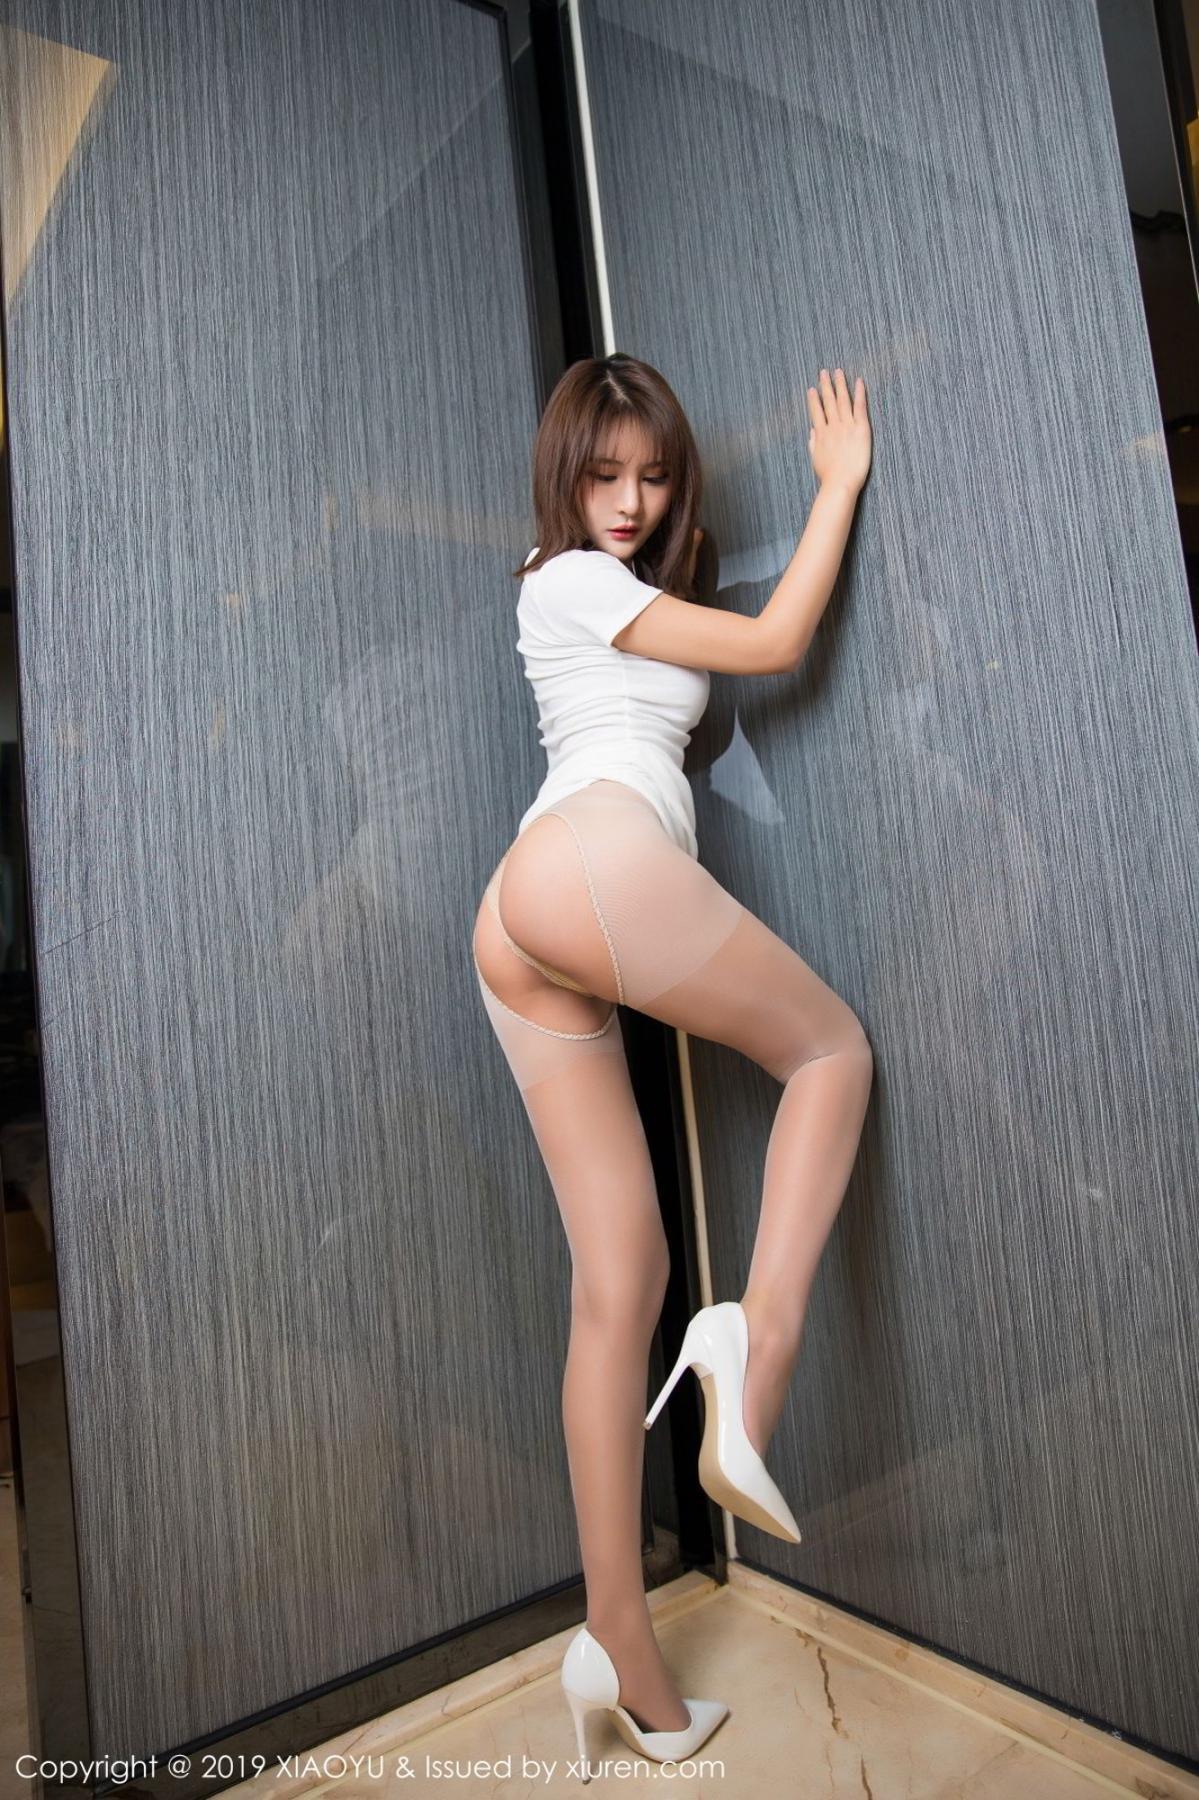 [XiaoYu] Vol.112 Solo Yi Fei 8P, Solo Yi Fei, Underwear, XiaoYu